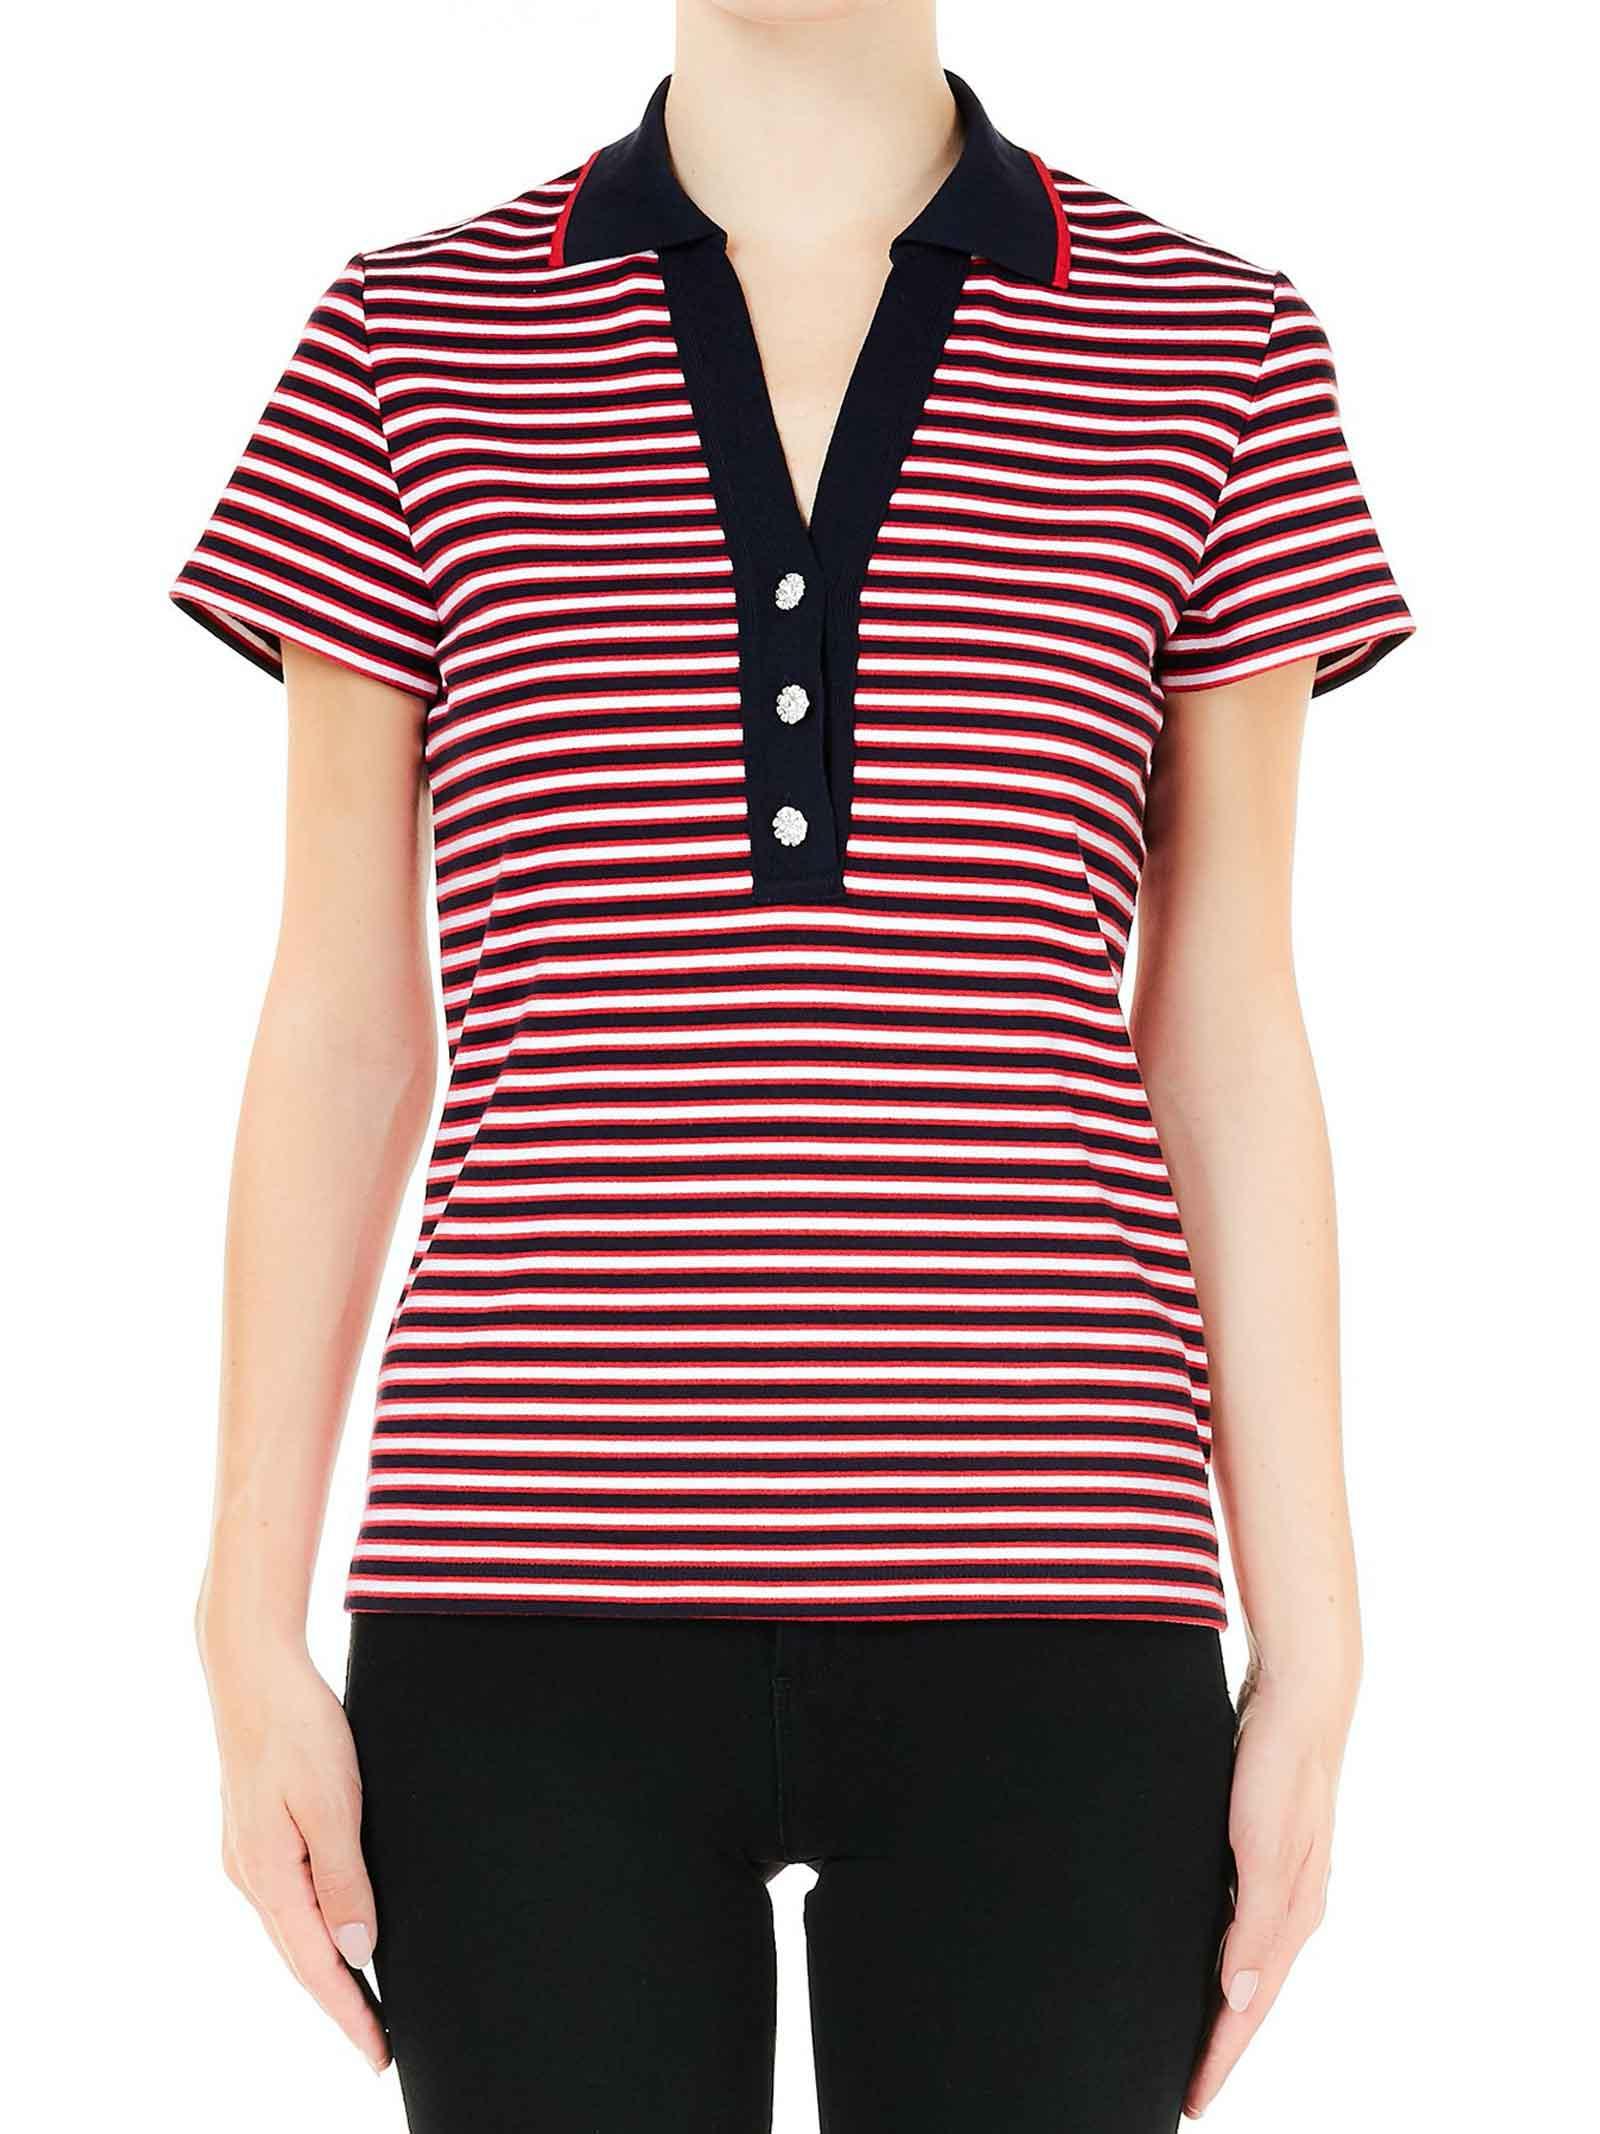 TOP LIU JO LIU JO | T-shirt | WA1142-J6183T9701